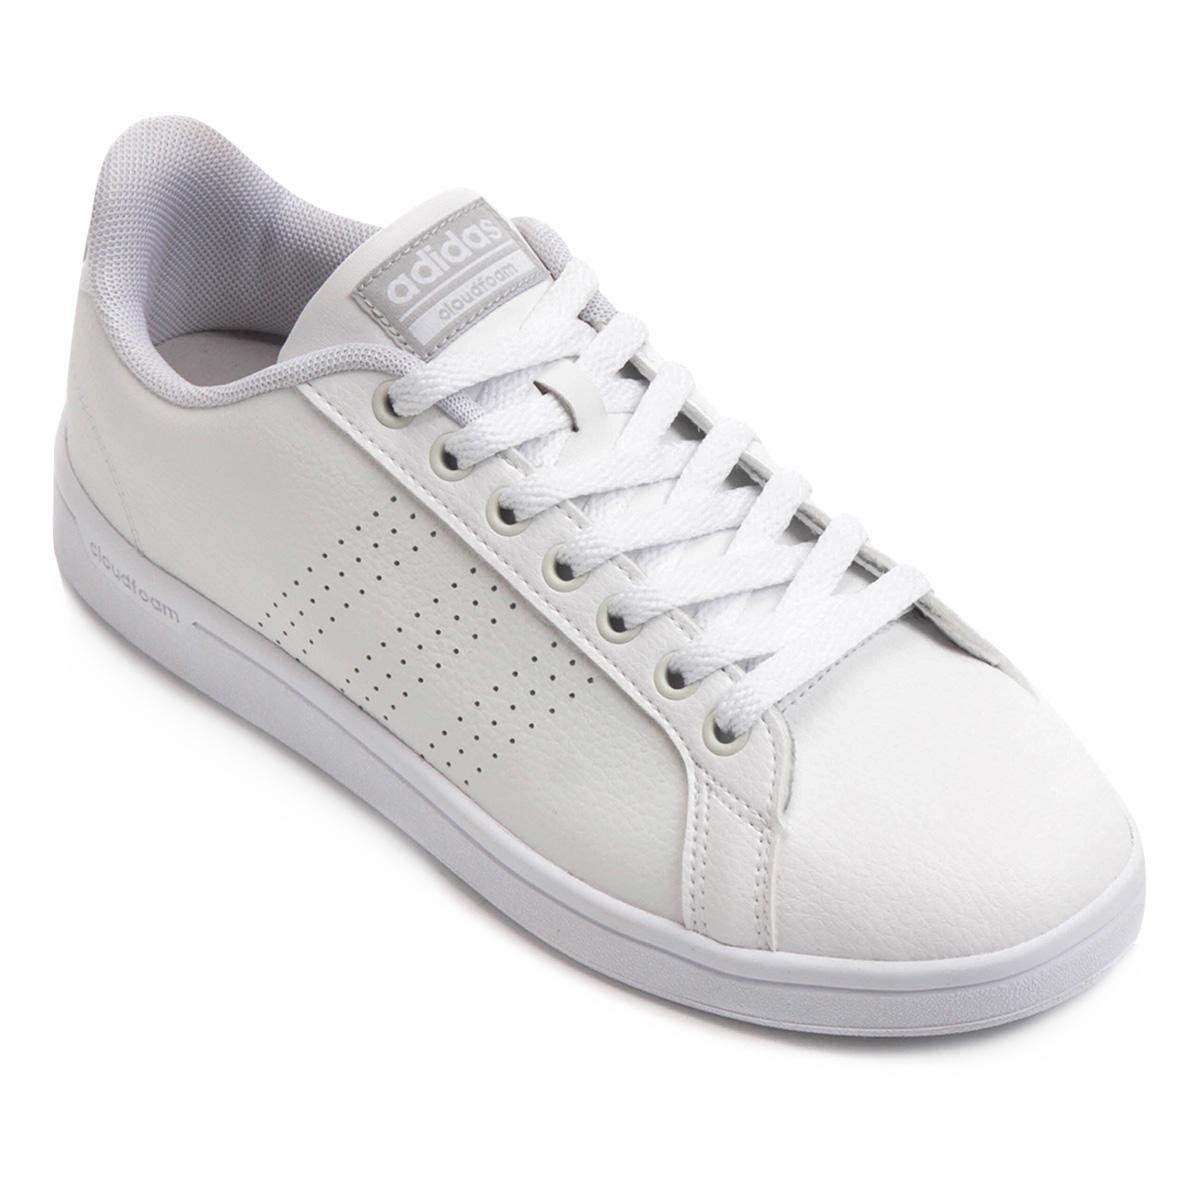 Feminino Branco Couro Adidas Tênis Couro Advantage Advantage Clean Cf Cf Clean Adidas Branco Feminino Tênis O68Spnwq